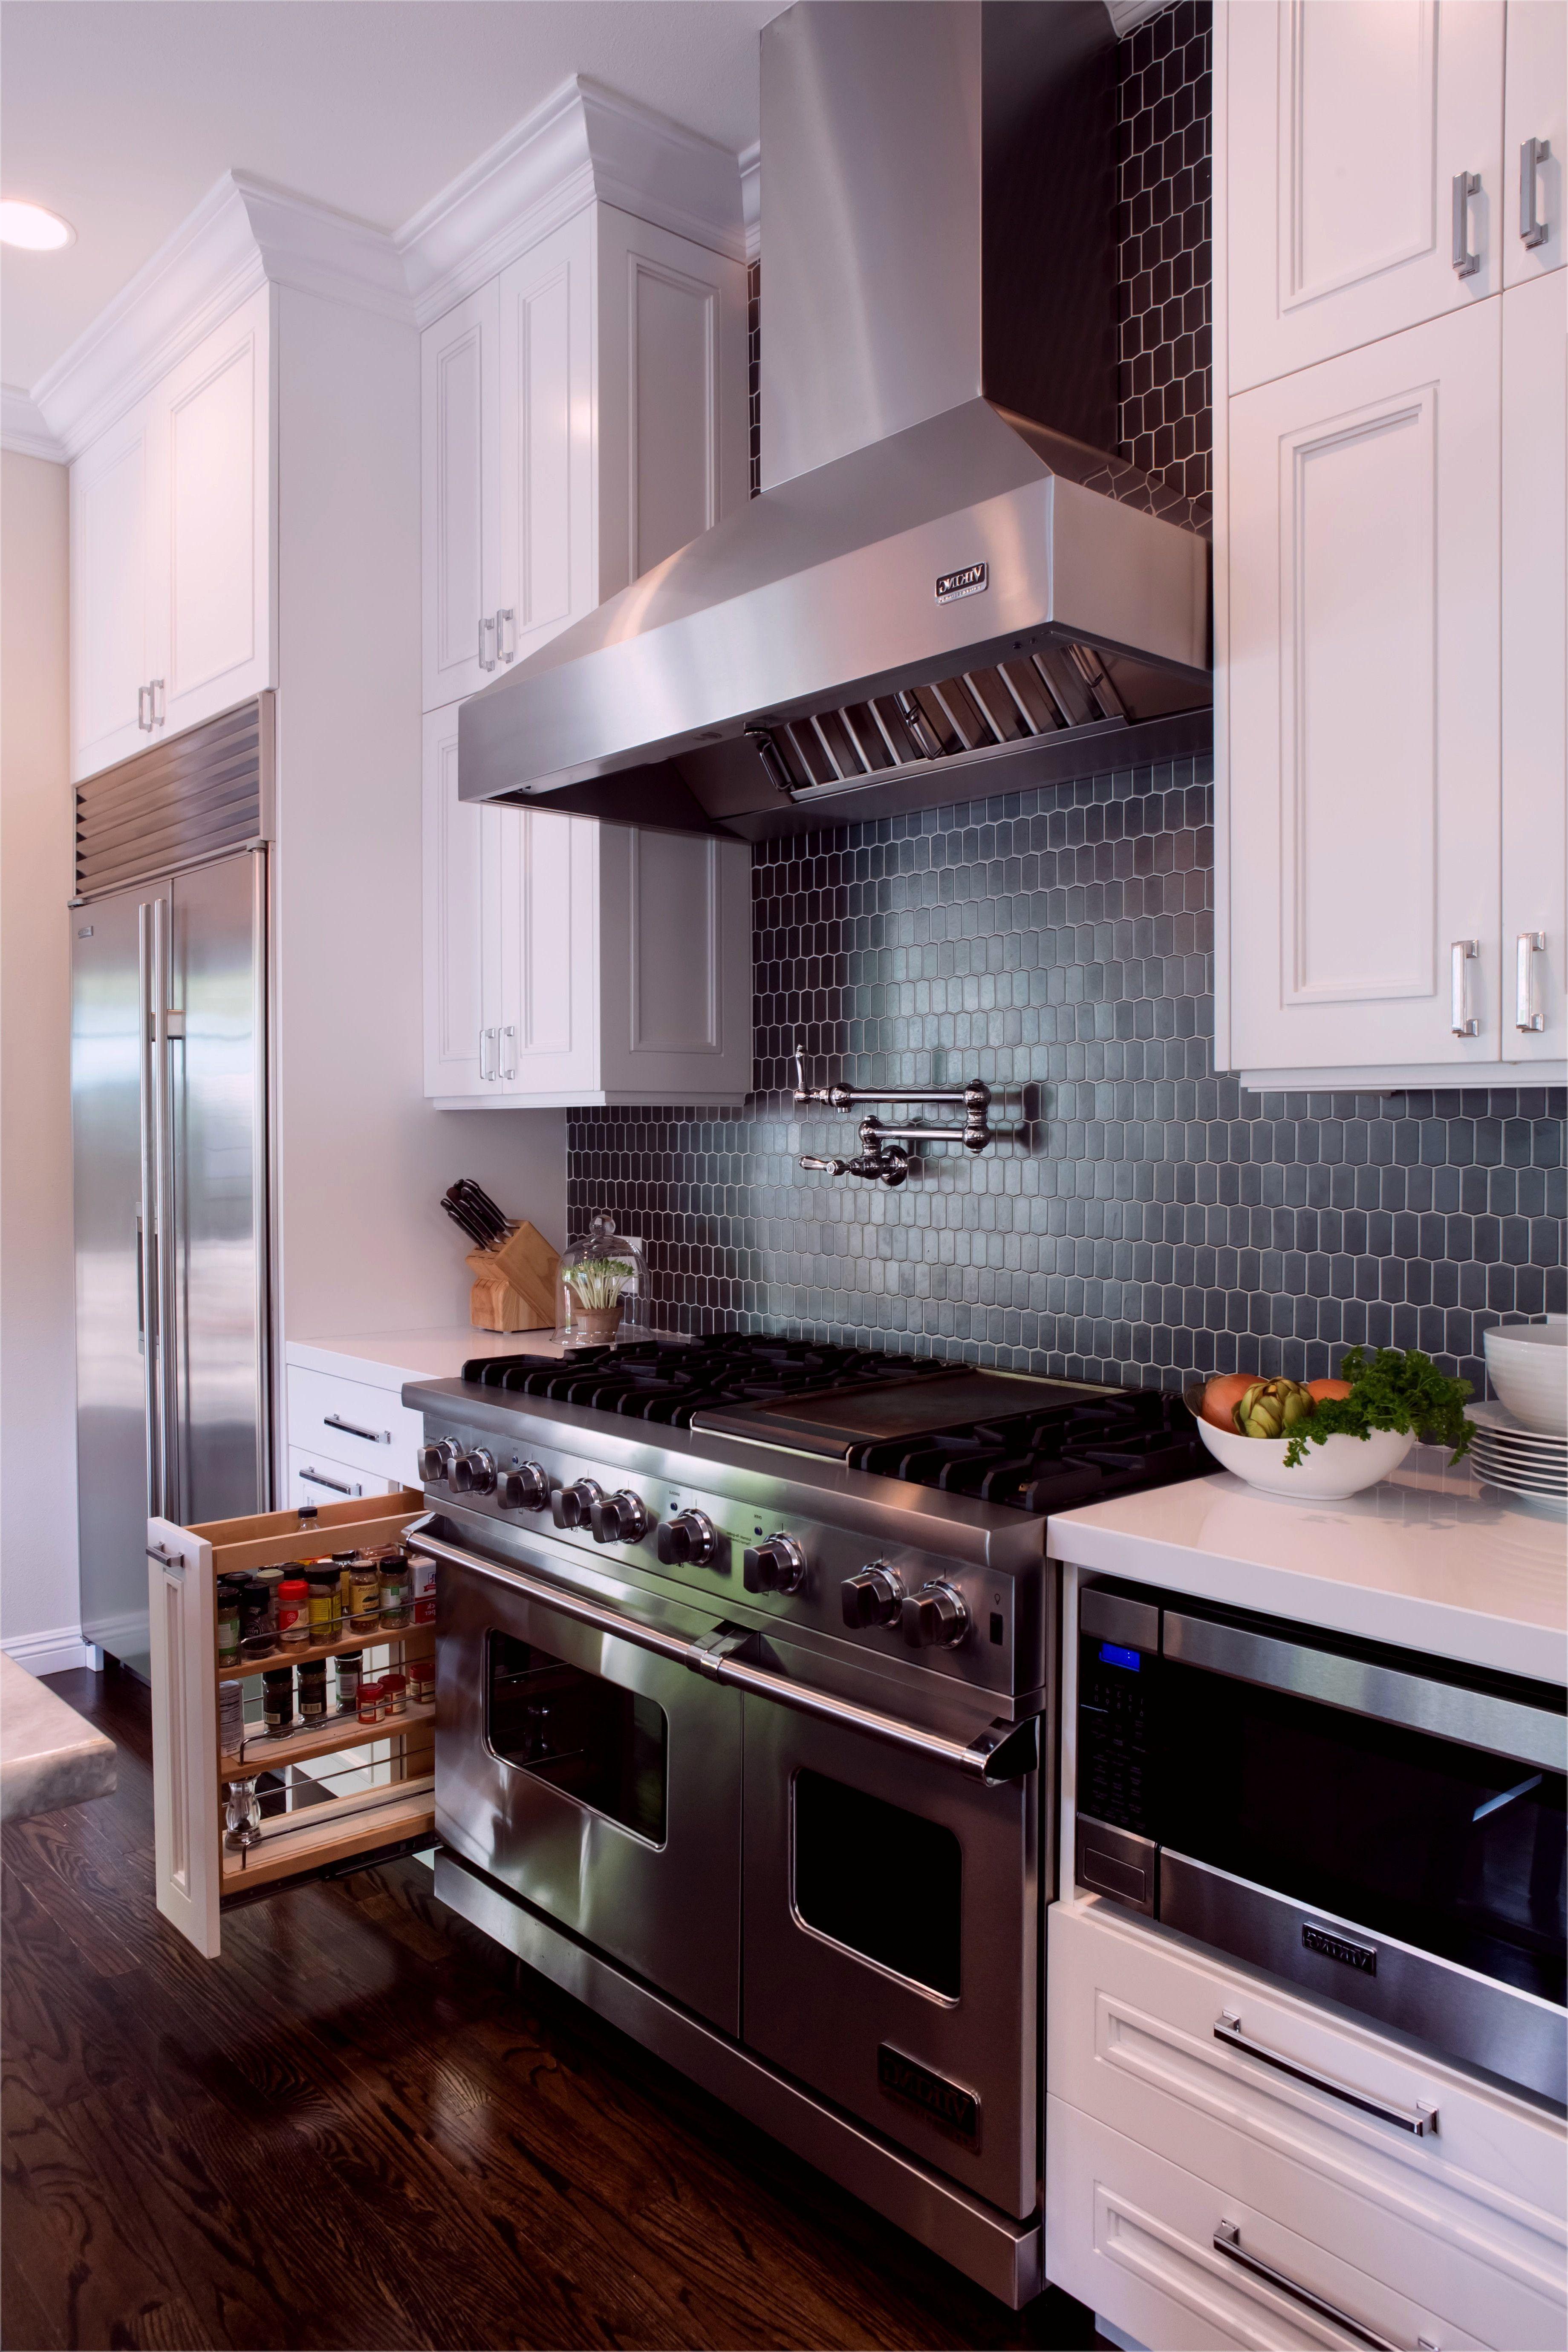 Buy Kitchen Island Kitchen Design Kansas City Kitchen Ideas With Black Appliances Kitchen Remode Galley Kitchen Remodel Kitchen Design Small Kitchen Remodel